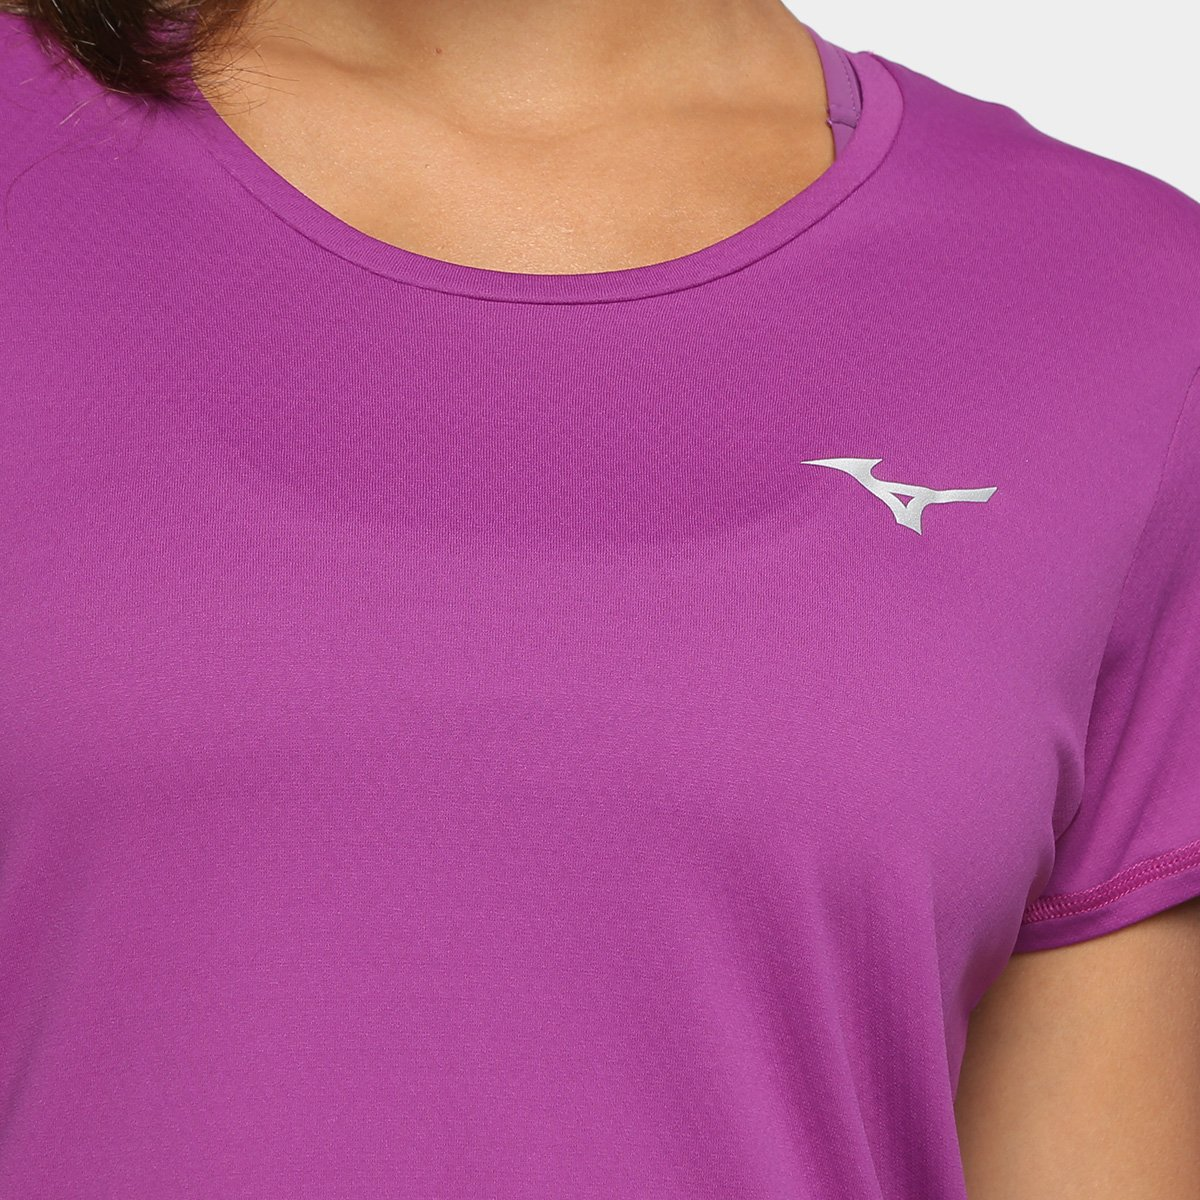 Feminina Camiseta Proteção com Mizuno Camiseta Mizuno Pro Violeta UV f0nx5qwA6